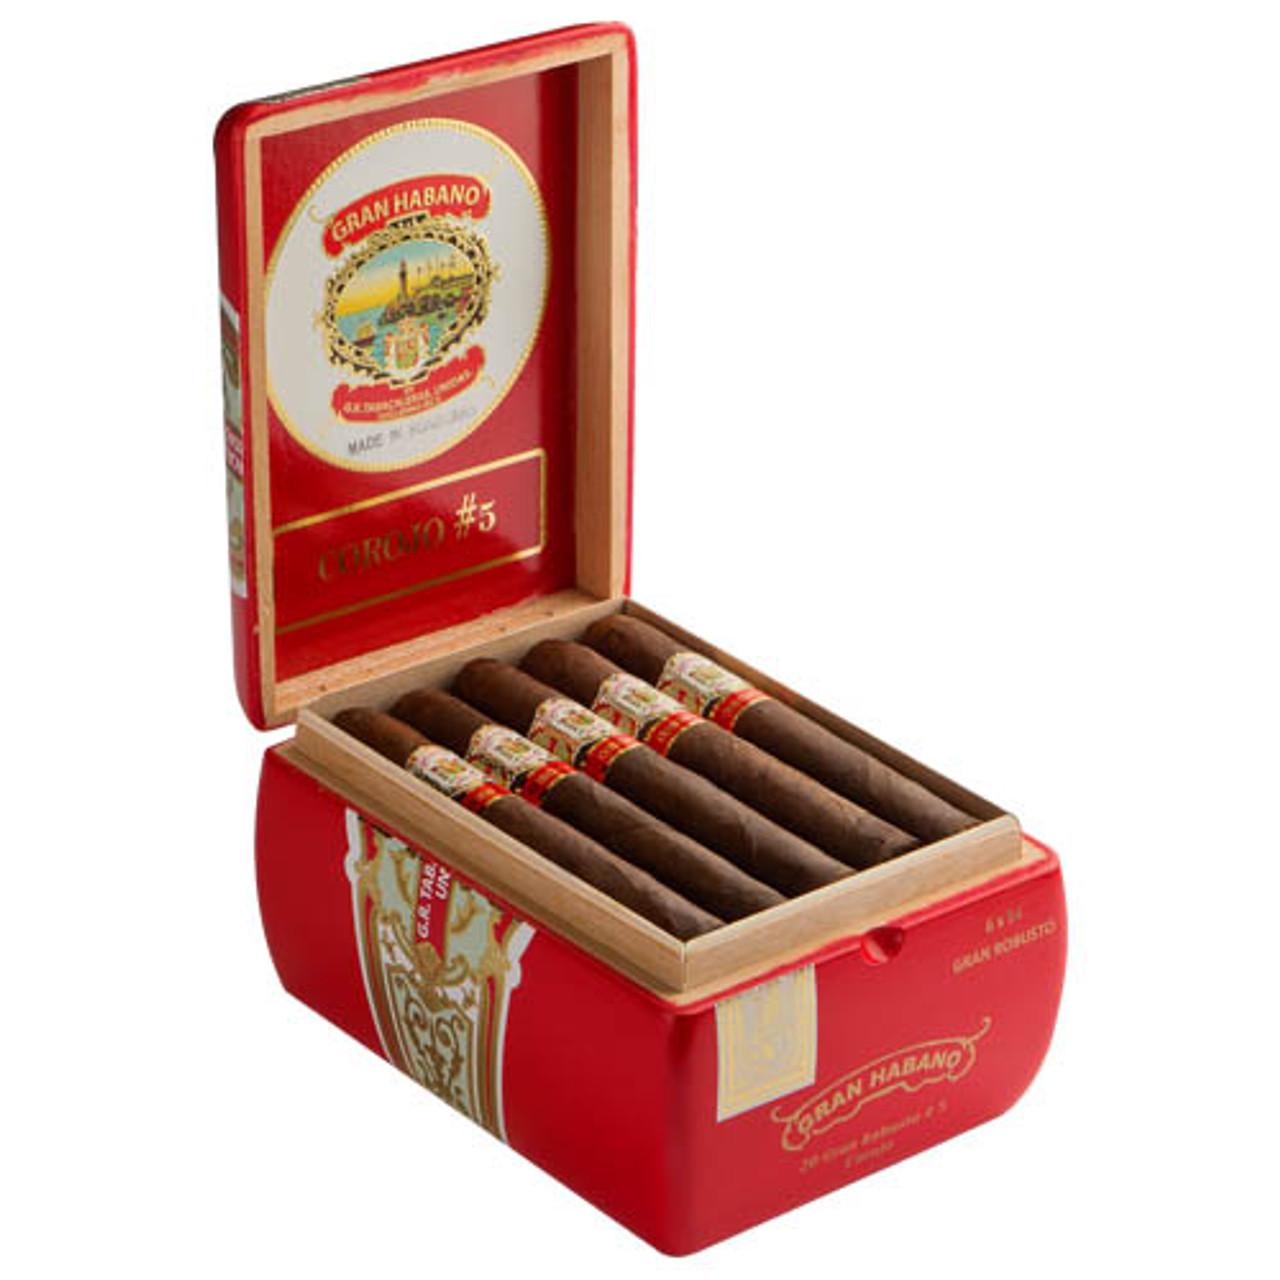 Gran Habano #5 Corojo Churchill Cigars - 7 x 48 (Box of 20)